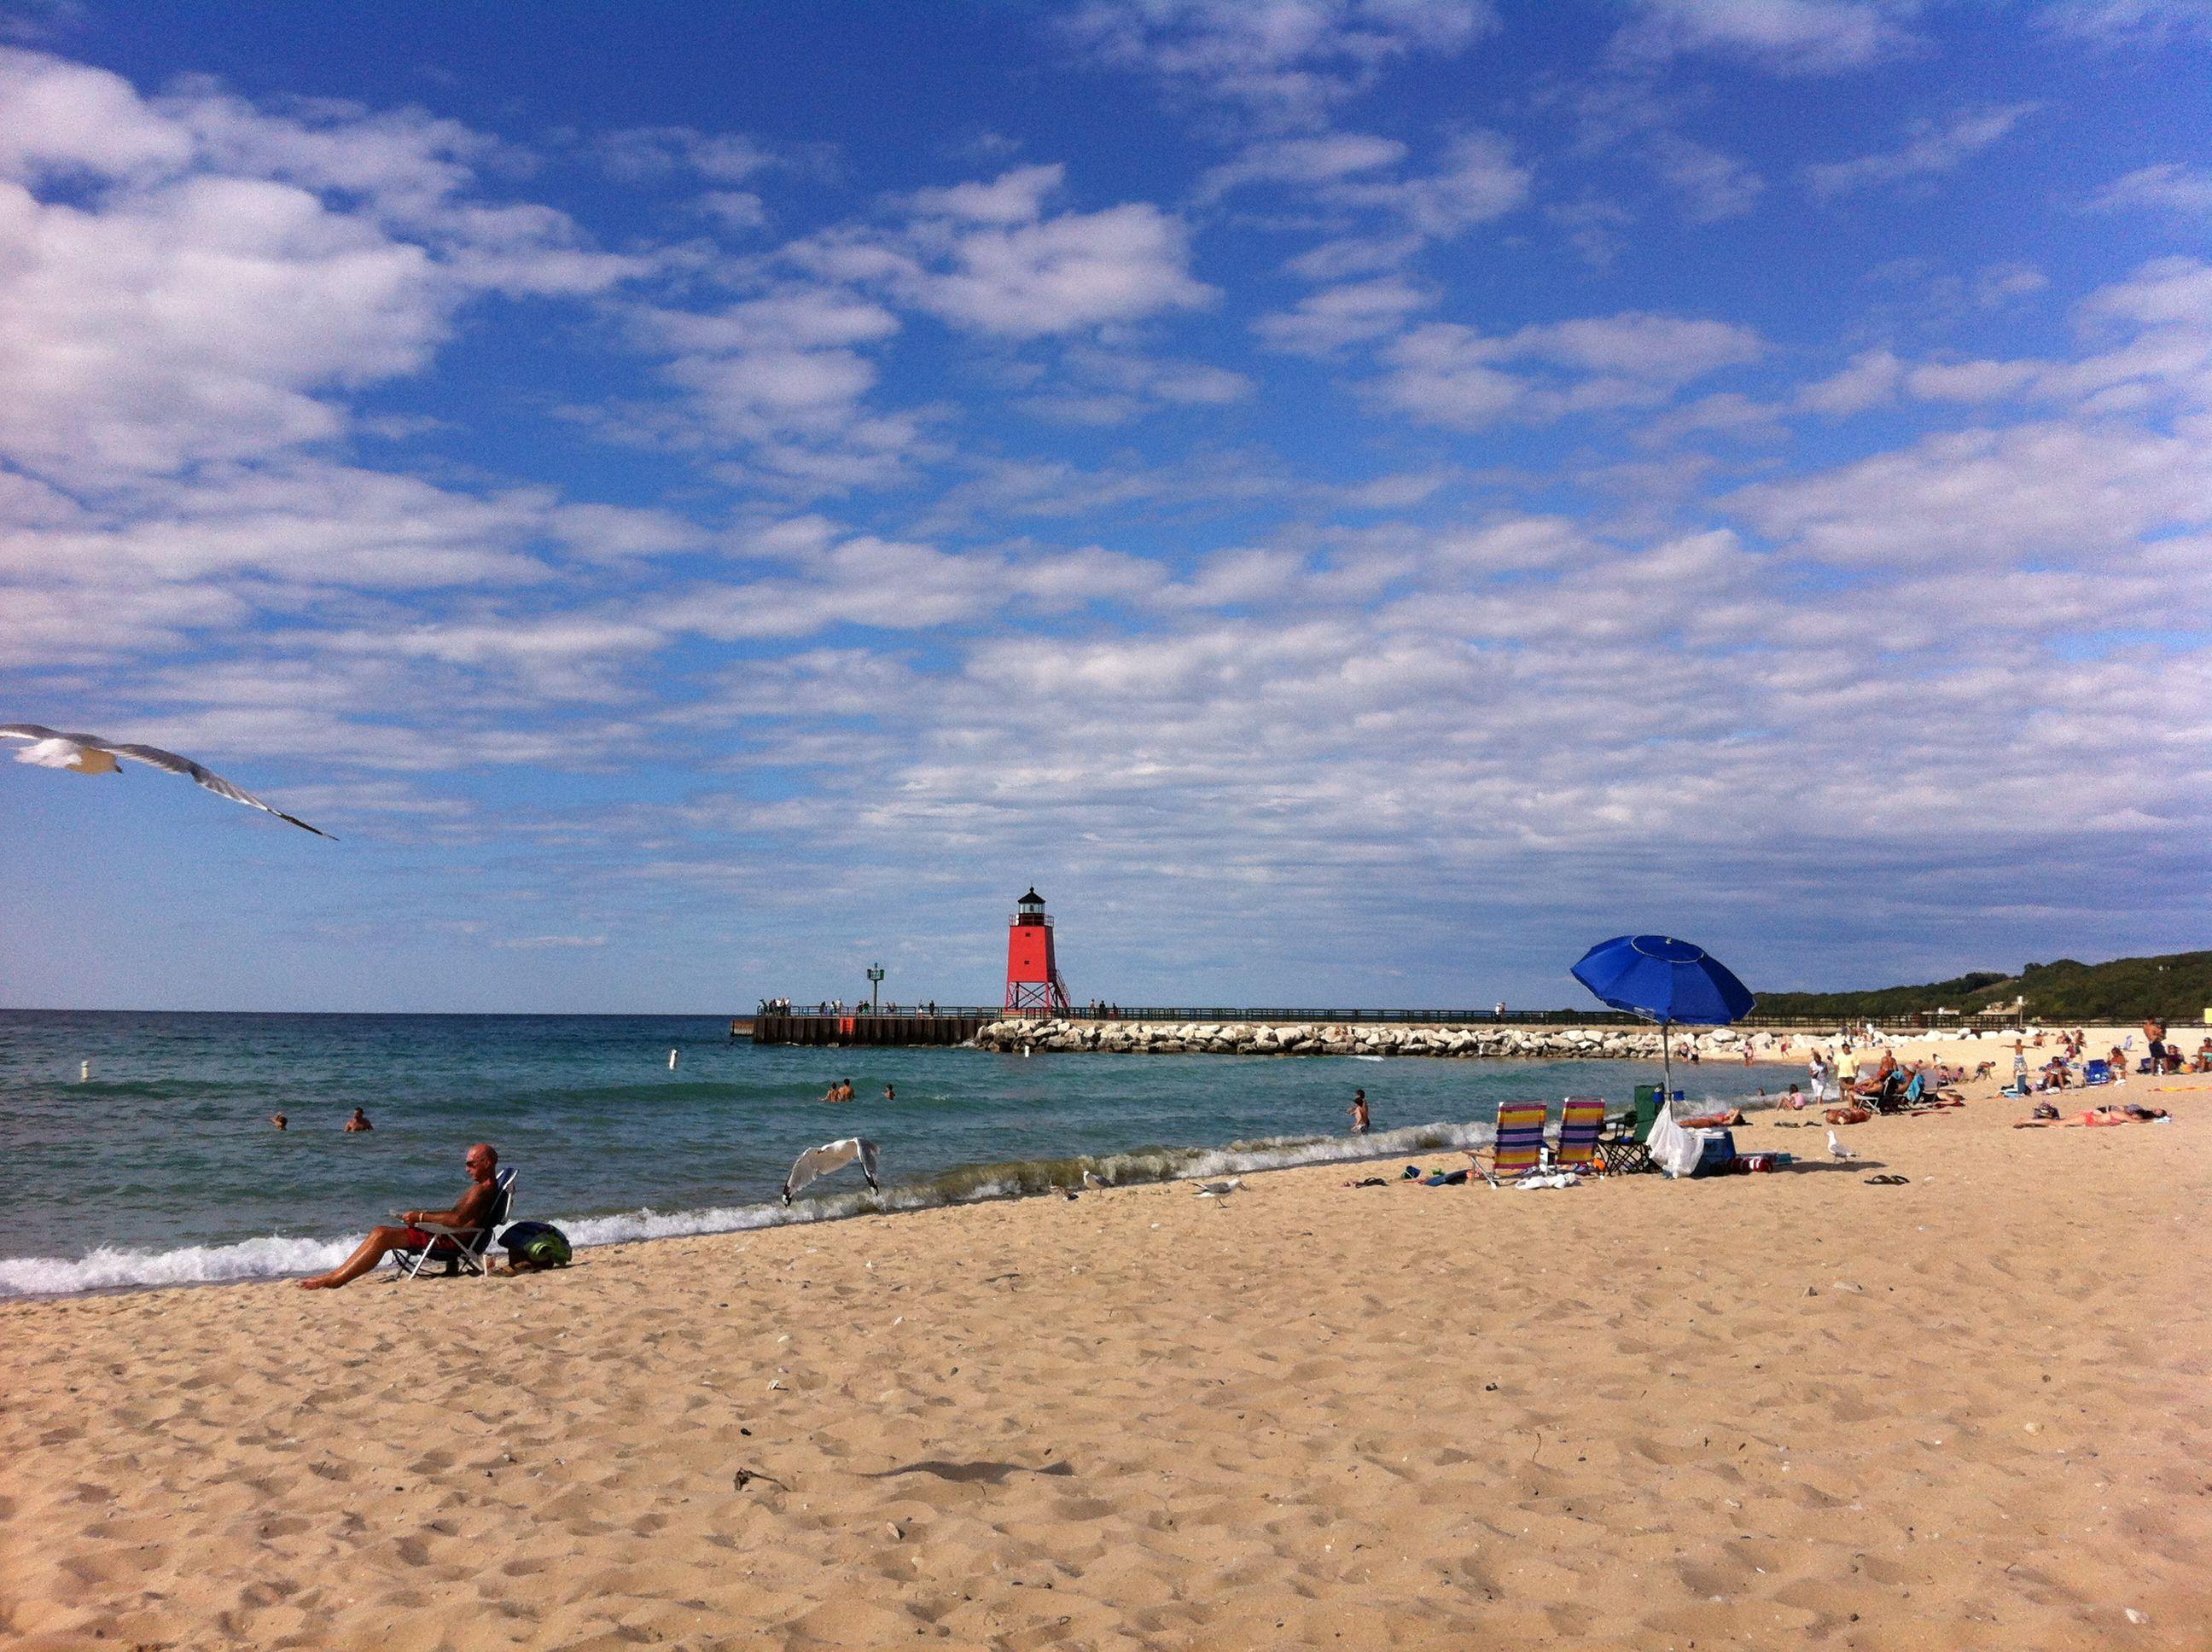 Lake Michigan Beach Charlevoix Mi Petoskey Mackinac Up